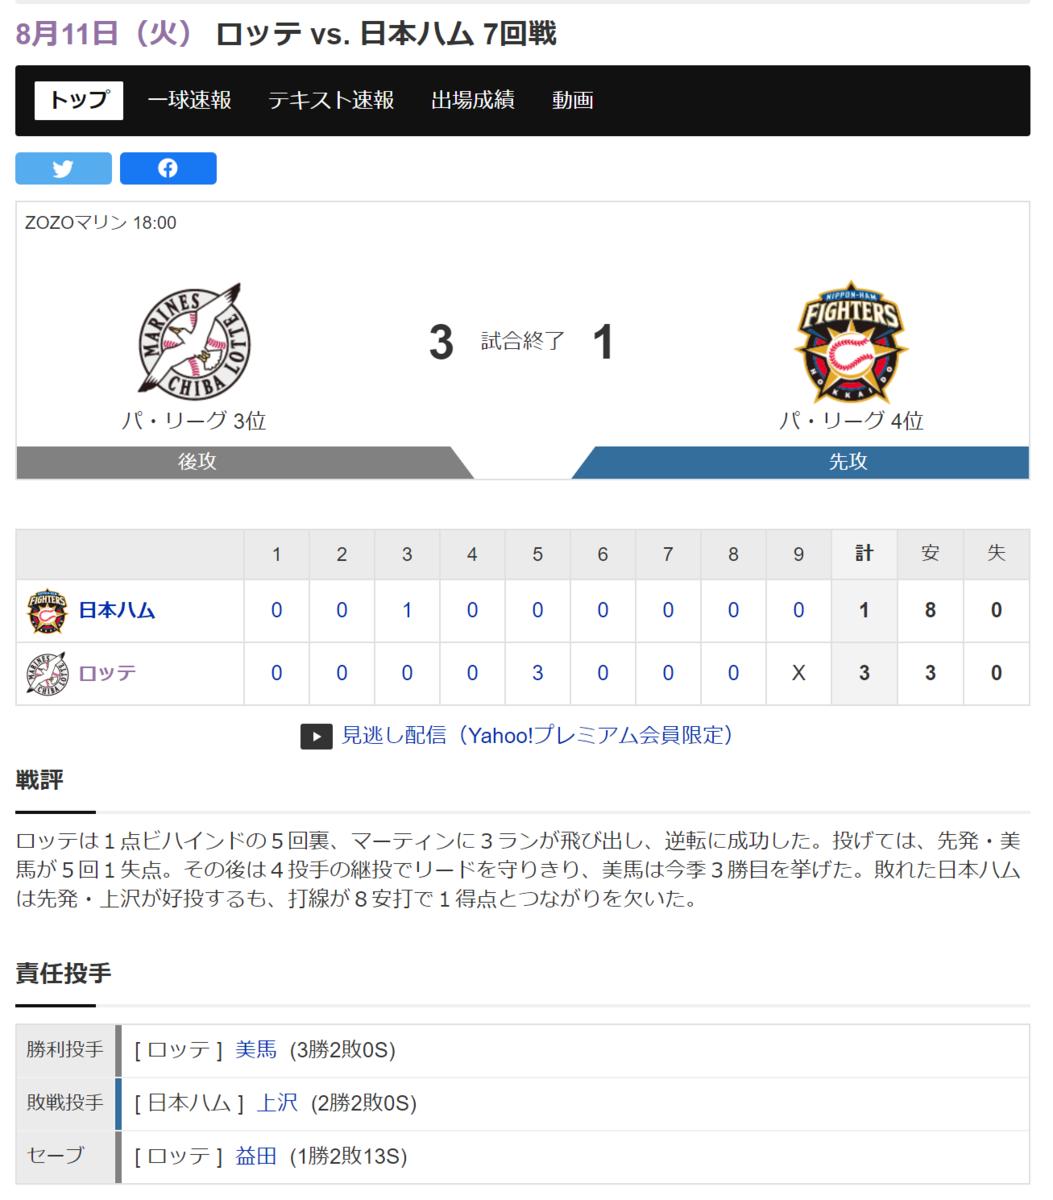 f:id:AriharaOkoku:20200816115751p:plain